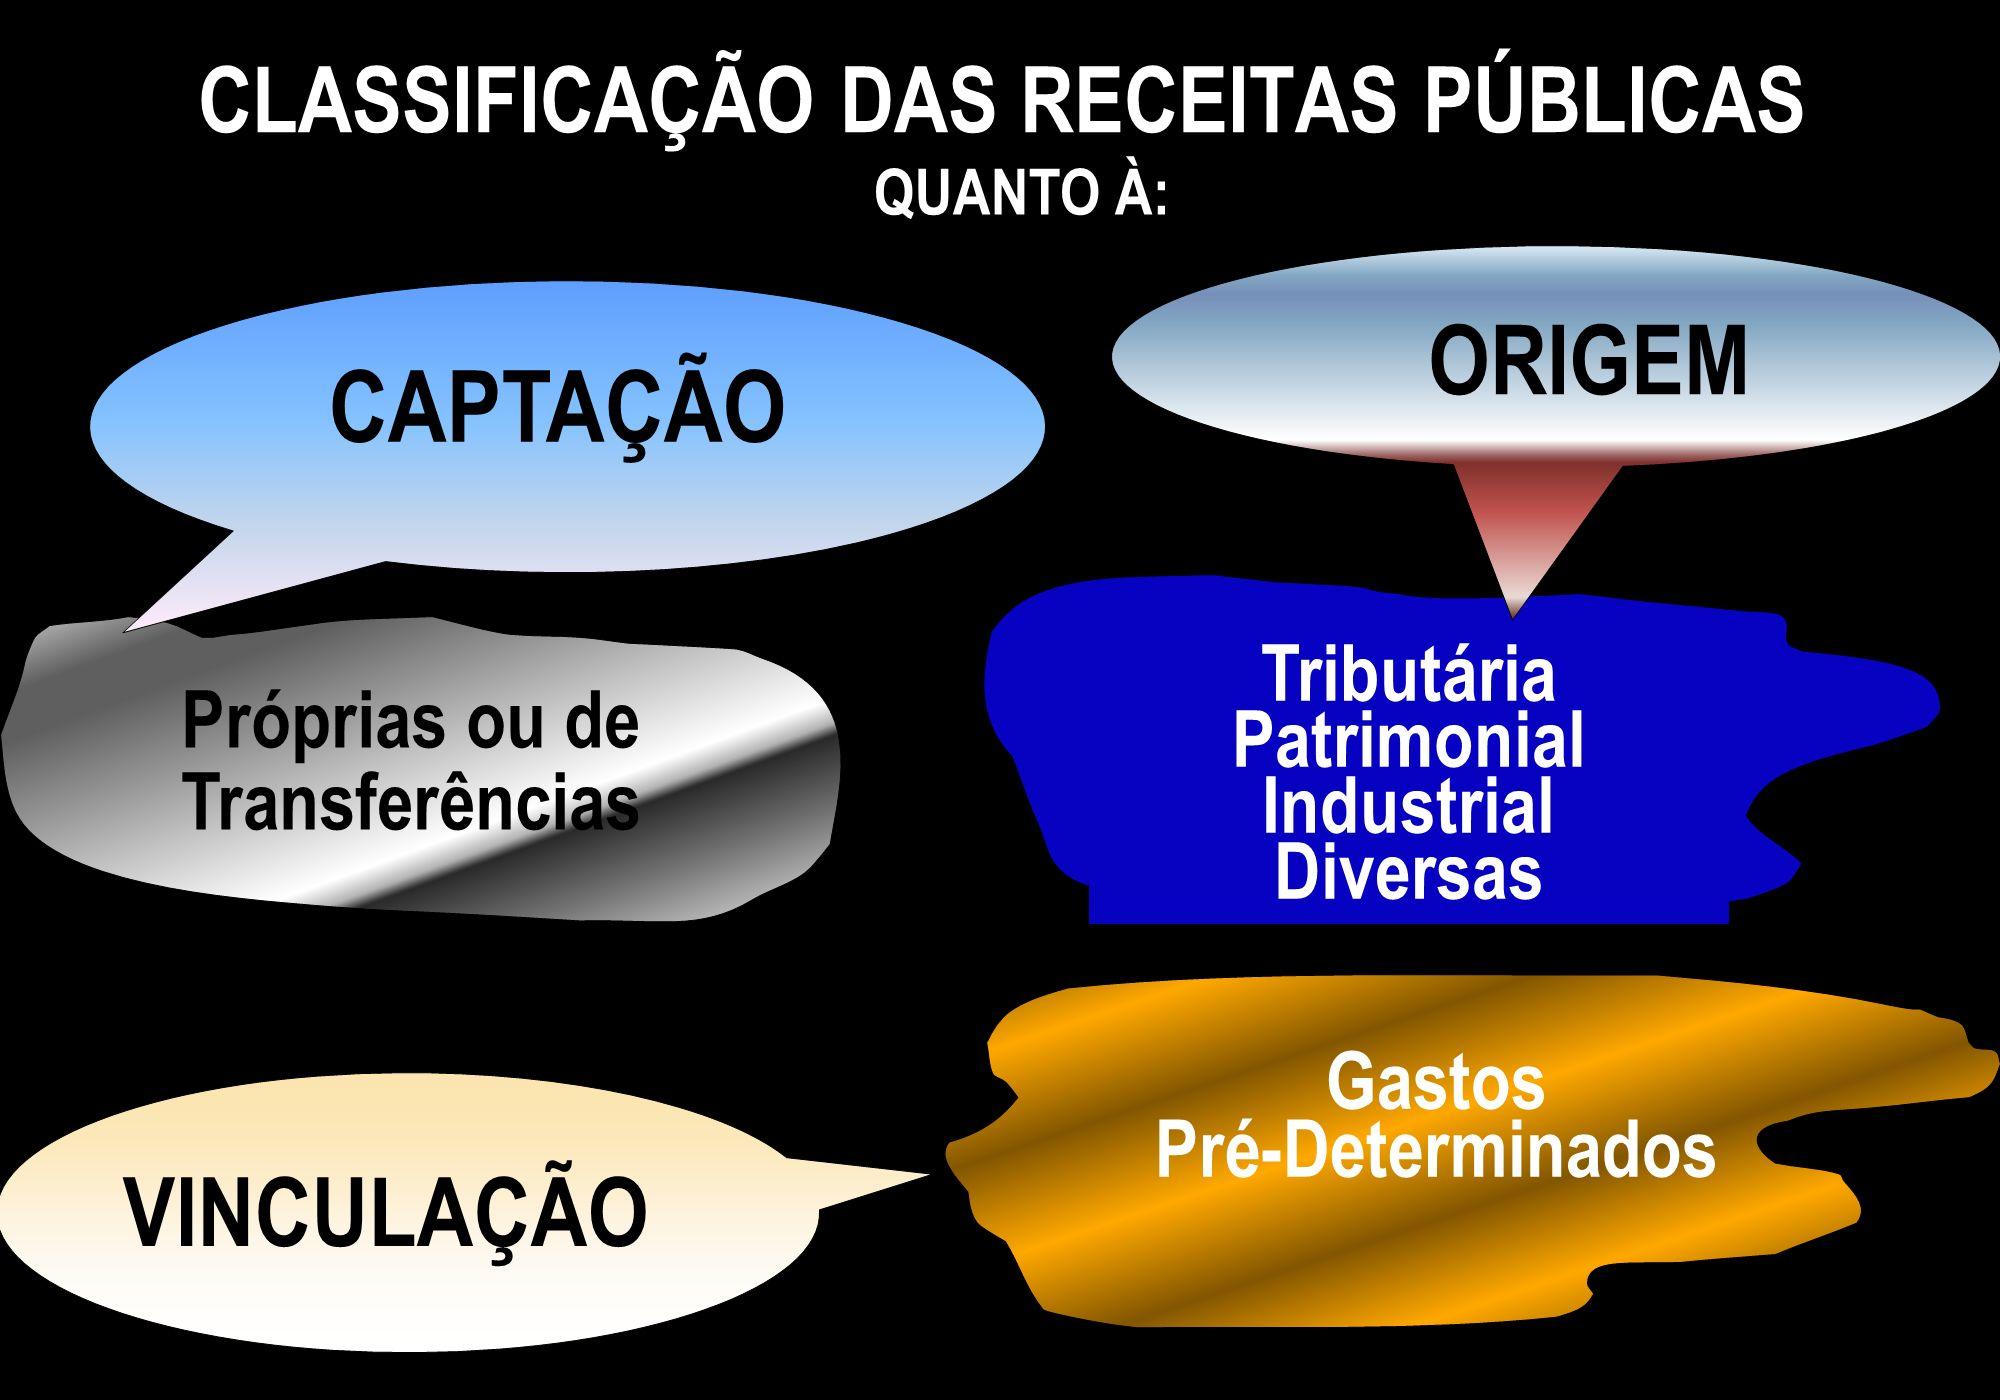 ALGUNS OUTROS FUNDOS FUNDO DE DEFESA DOS DIREITOS DIFUSOS Indenizações e multas por danos ao patrimônio público FUNDO DE AMPARO AO TRABALHADOR - MT Pis/Pasep - FUNDO DE PREVENÇÃO, RECUPERAÇÃO E COMBATE ÀS DROGAS DE ABUSO Dotação Orçamentária Específica FUNDO ROTATIVO DA CÂMARA DOS DEPUTADOS Para problemas habitacionais da Câmara Valores das amortizações e acréscimos FUNDO PENITENCIÁRIO NACIONAL Dotação Orçamentária Específica FUNDO NACIONAL DO MEIO AMBIENTE - Dotação Orçamentária Específica FUNDO ESPECIAL DO SENADO FEDERAL Dotação Orçamentária Específica FUNDO ESPECIAL DO SENADO FEDERAL Para problemas habitacionais do Senado FUNDO ESPECIAL DE DESENVOLVIMENTO E APERFEIÇOAMENTO DAS ATIVIDADES DE FISCALIZAÇÃO - Multas, Juros da Receita administrada pela SRF; venda de selos especiais de controle.